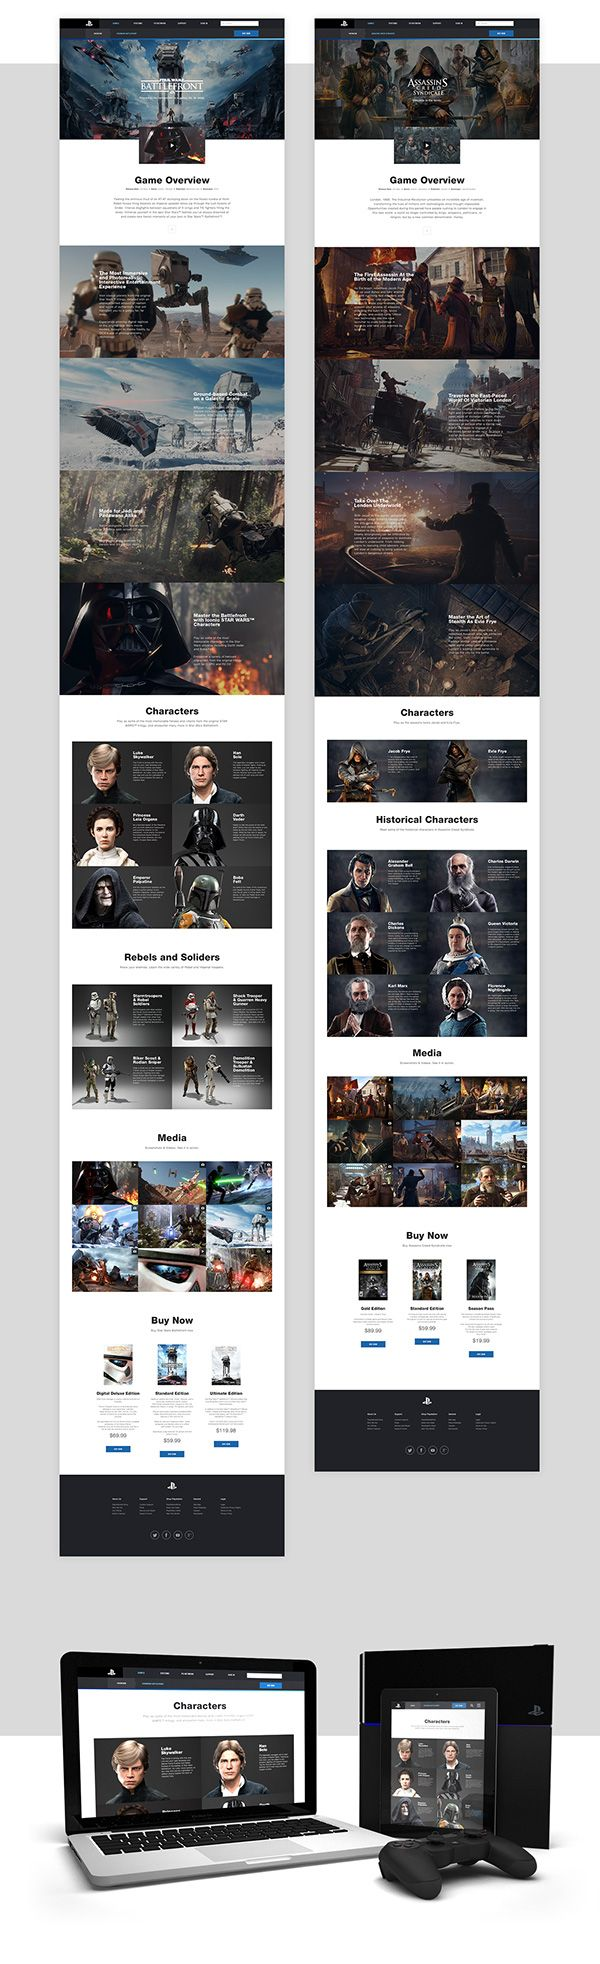 Playstation.com Redesign Concept on Web Design Served